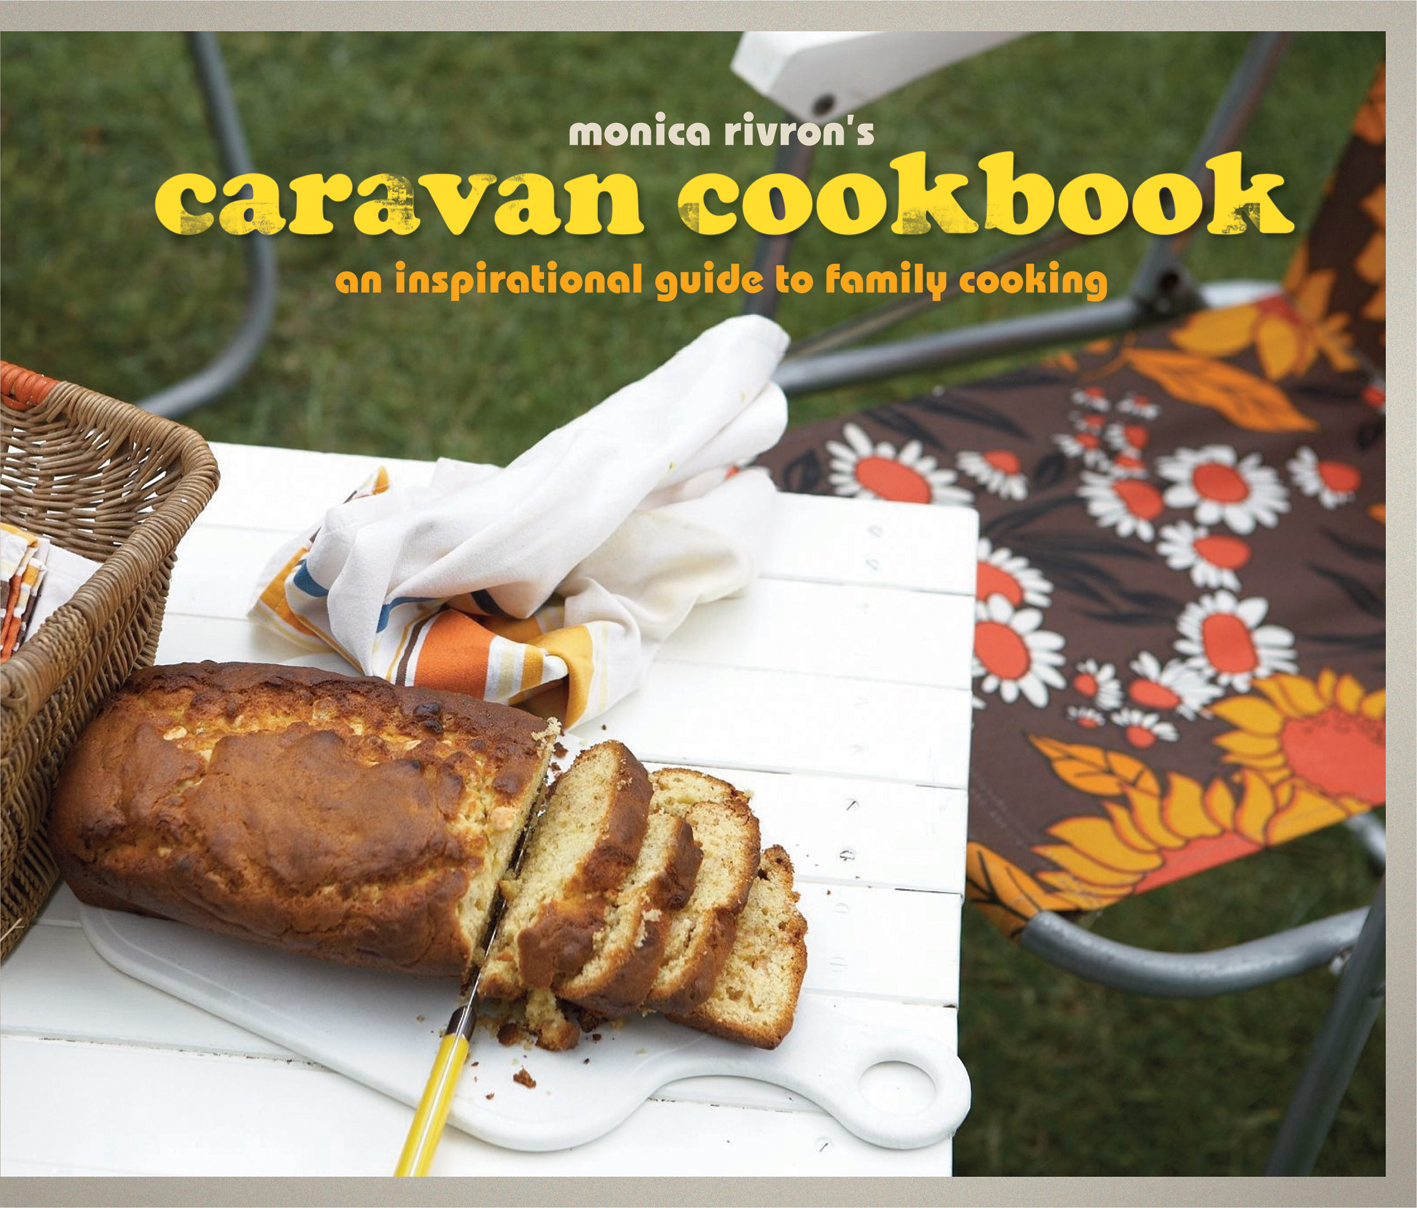 The Caravan Cookbook